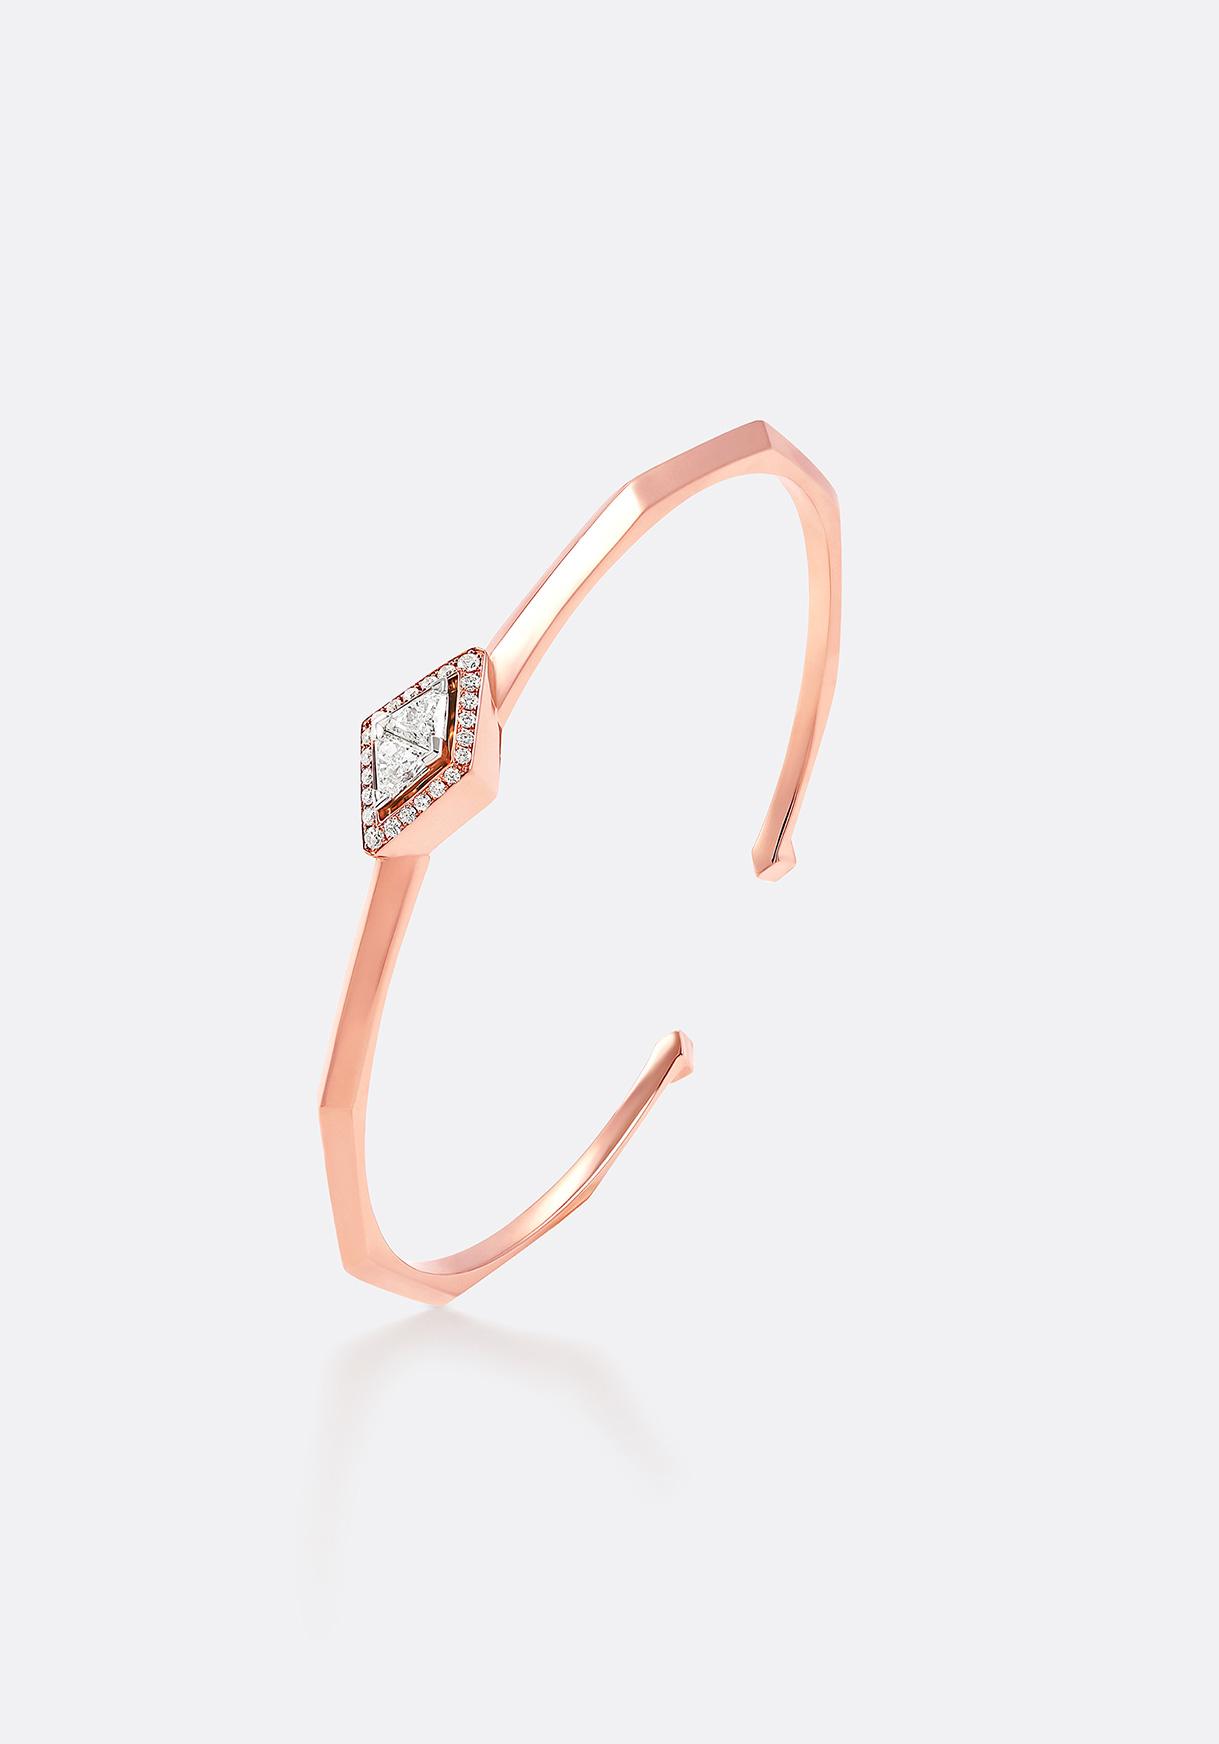 Cuff - a geometric three-dimensional design, crafted in rose gold.